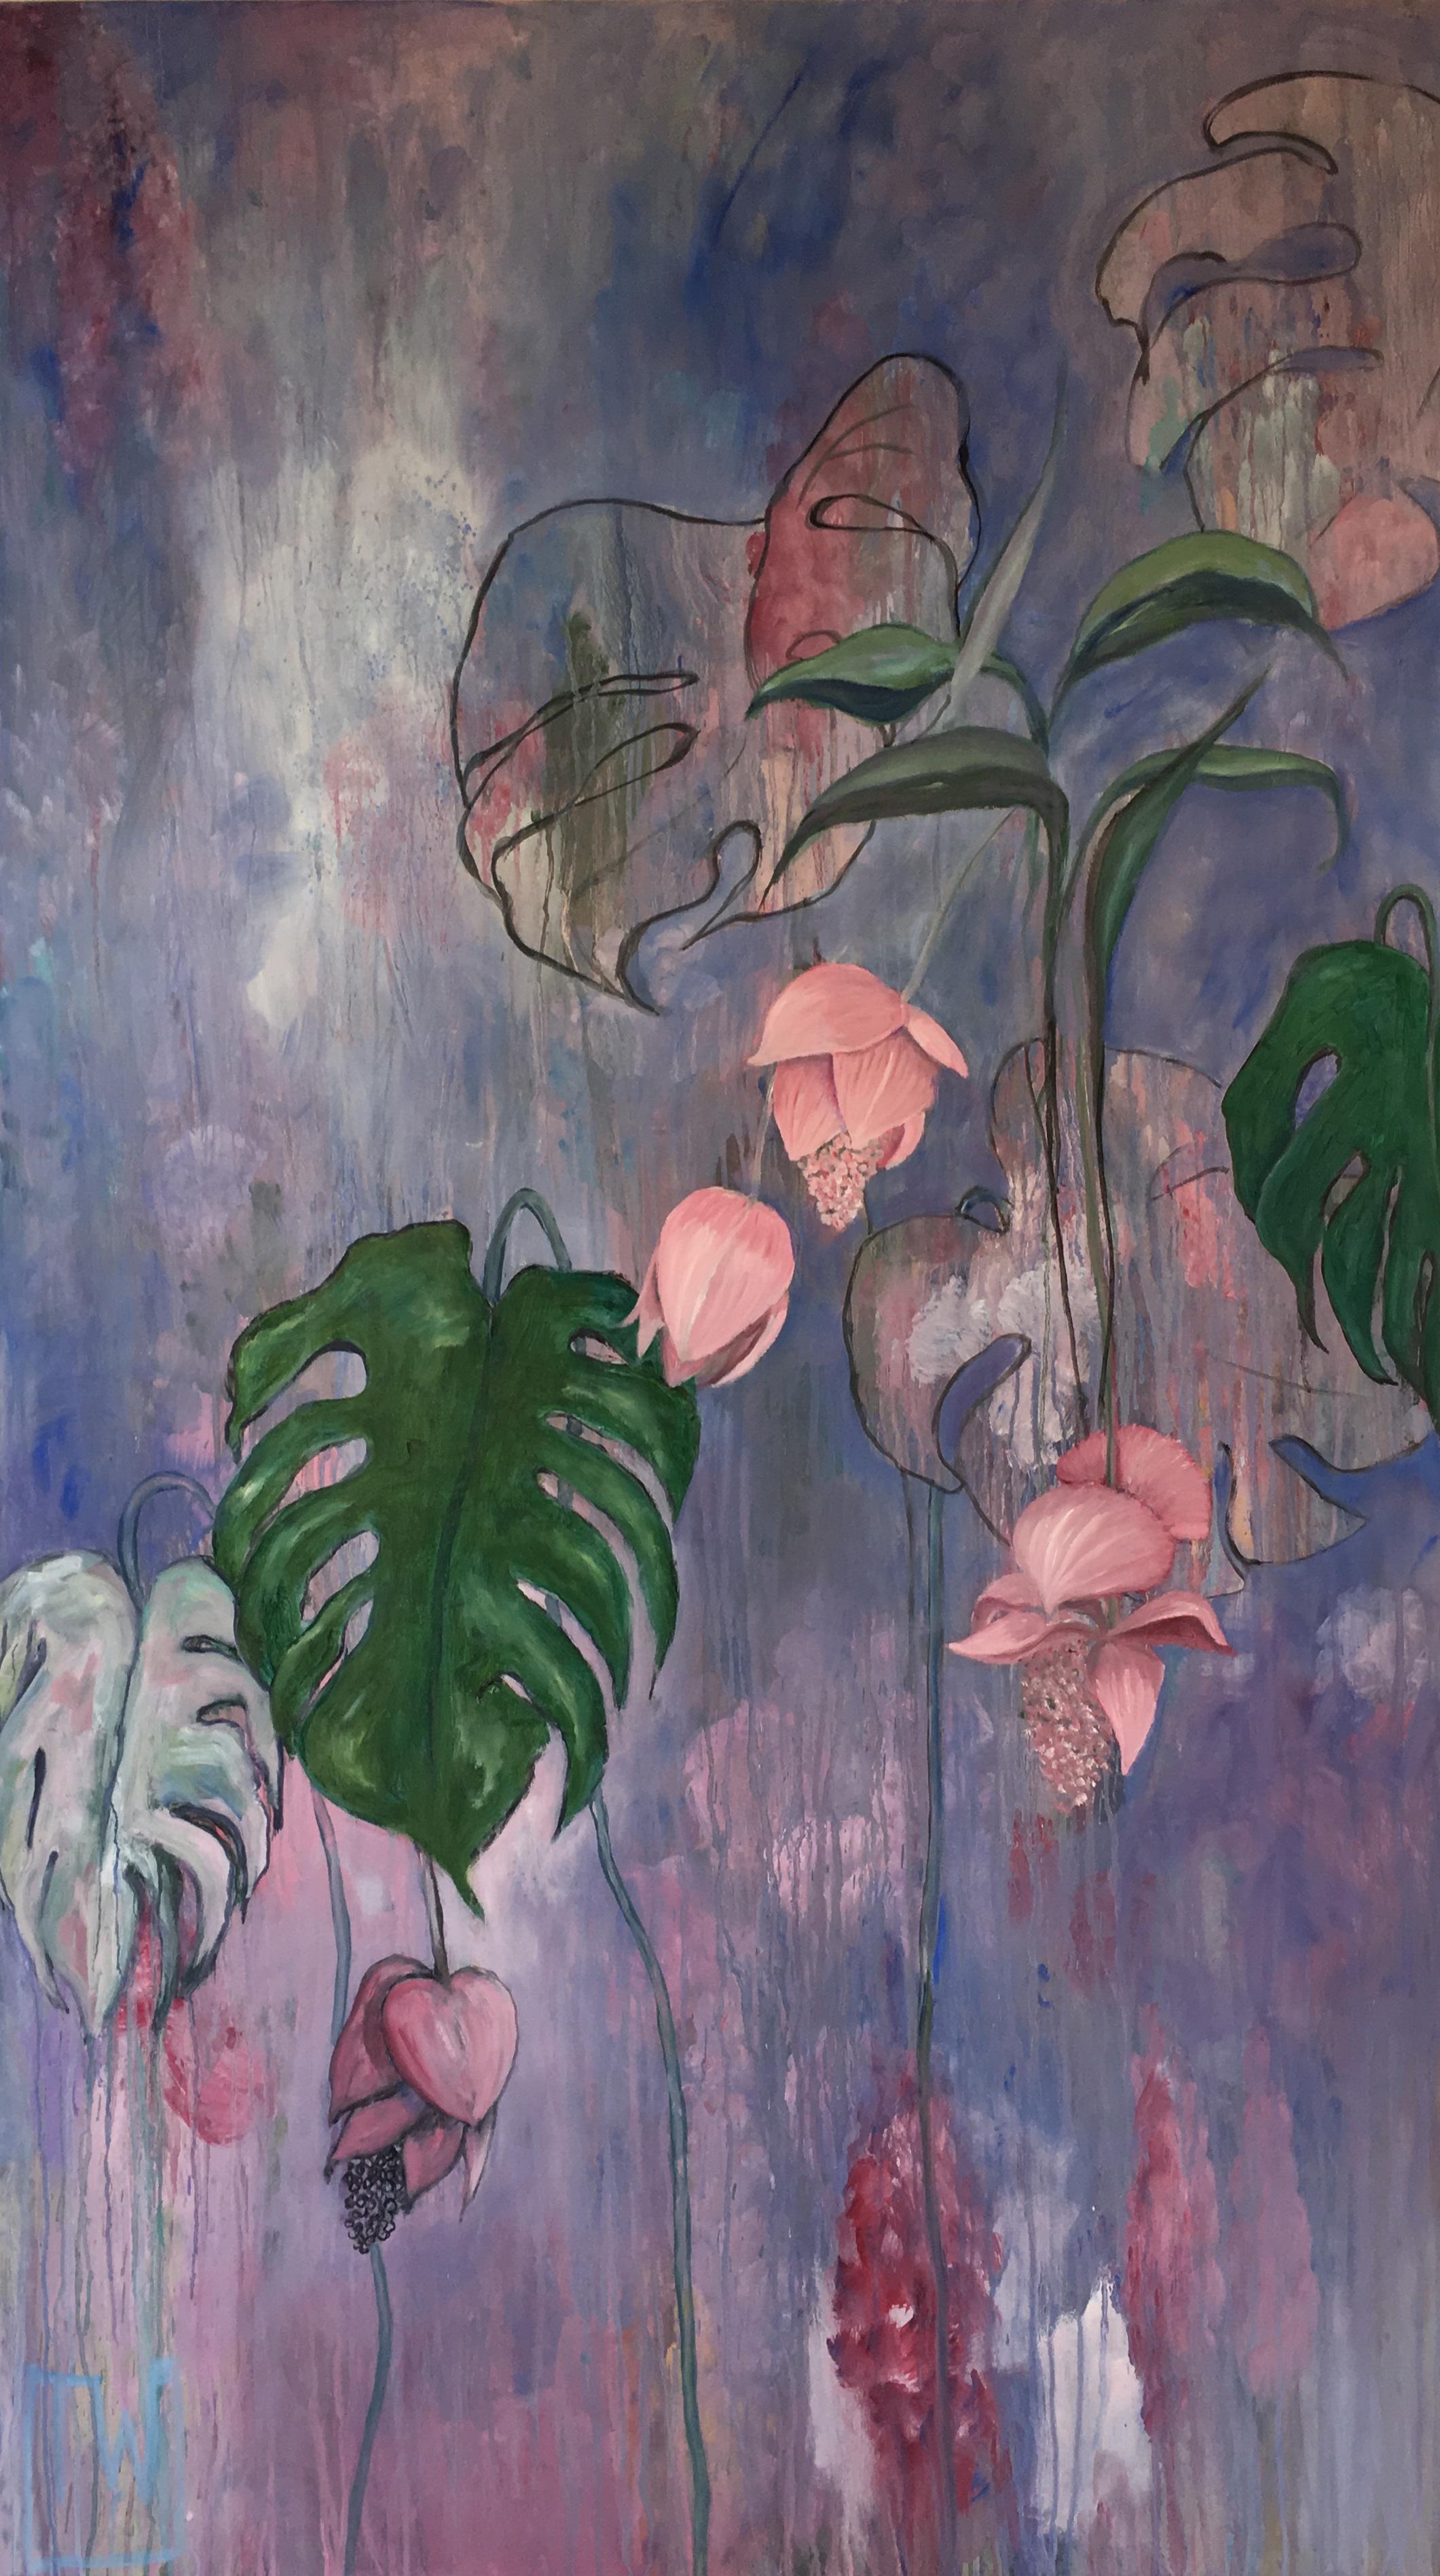 flowerscape nr 10 - 90x160 - olie op doek